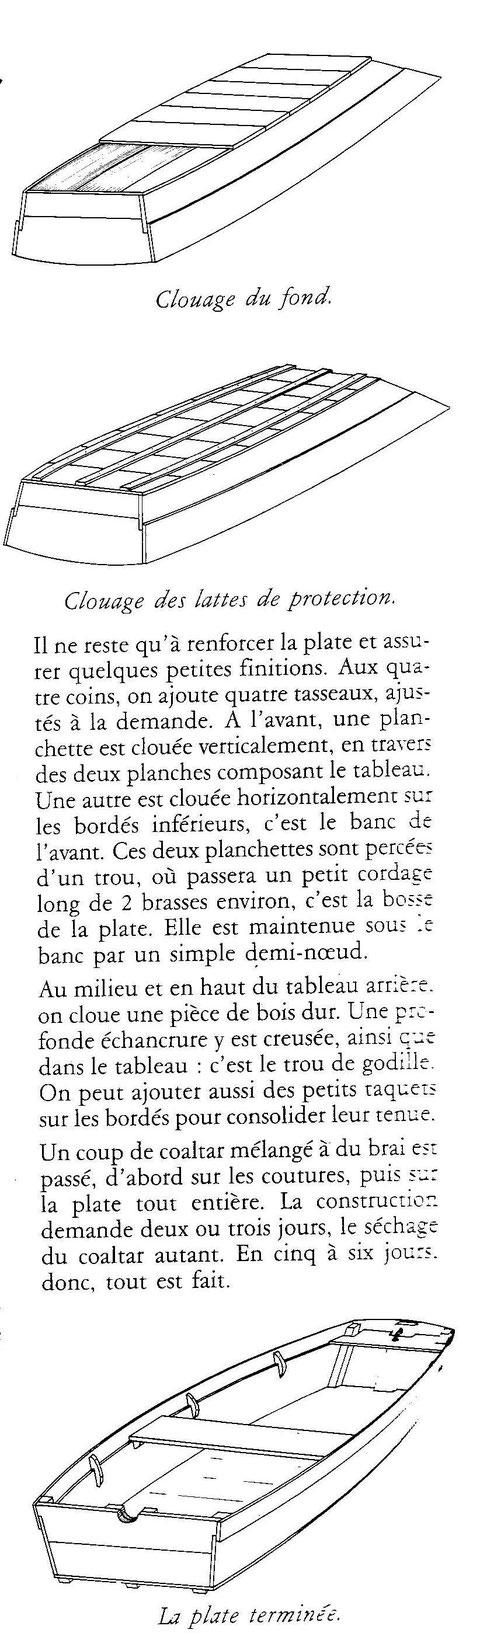 Description de la construction d'une plate goémonière par Pierre Arzel (Les goémoniers 1987)